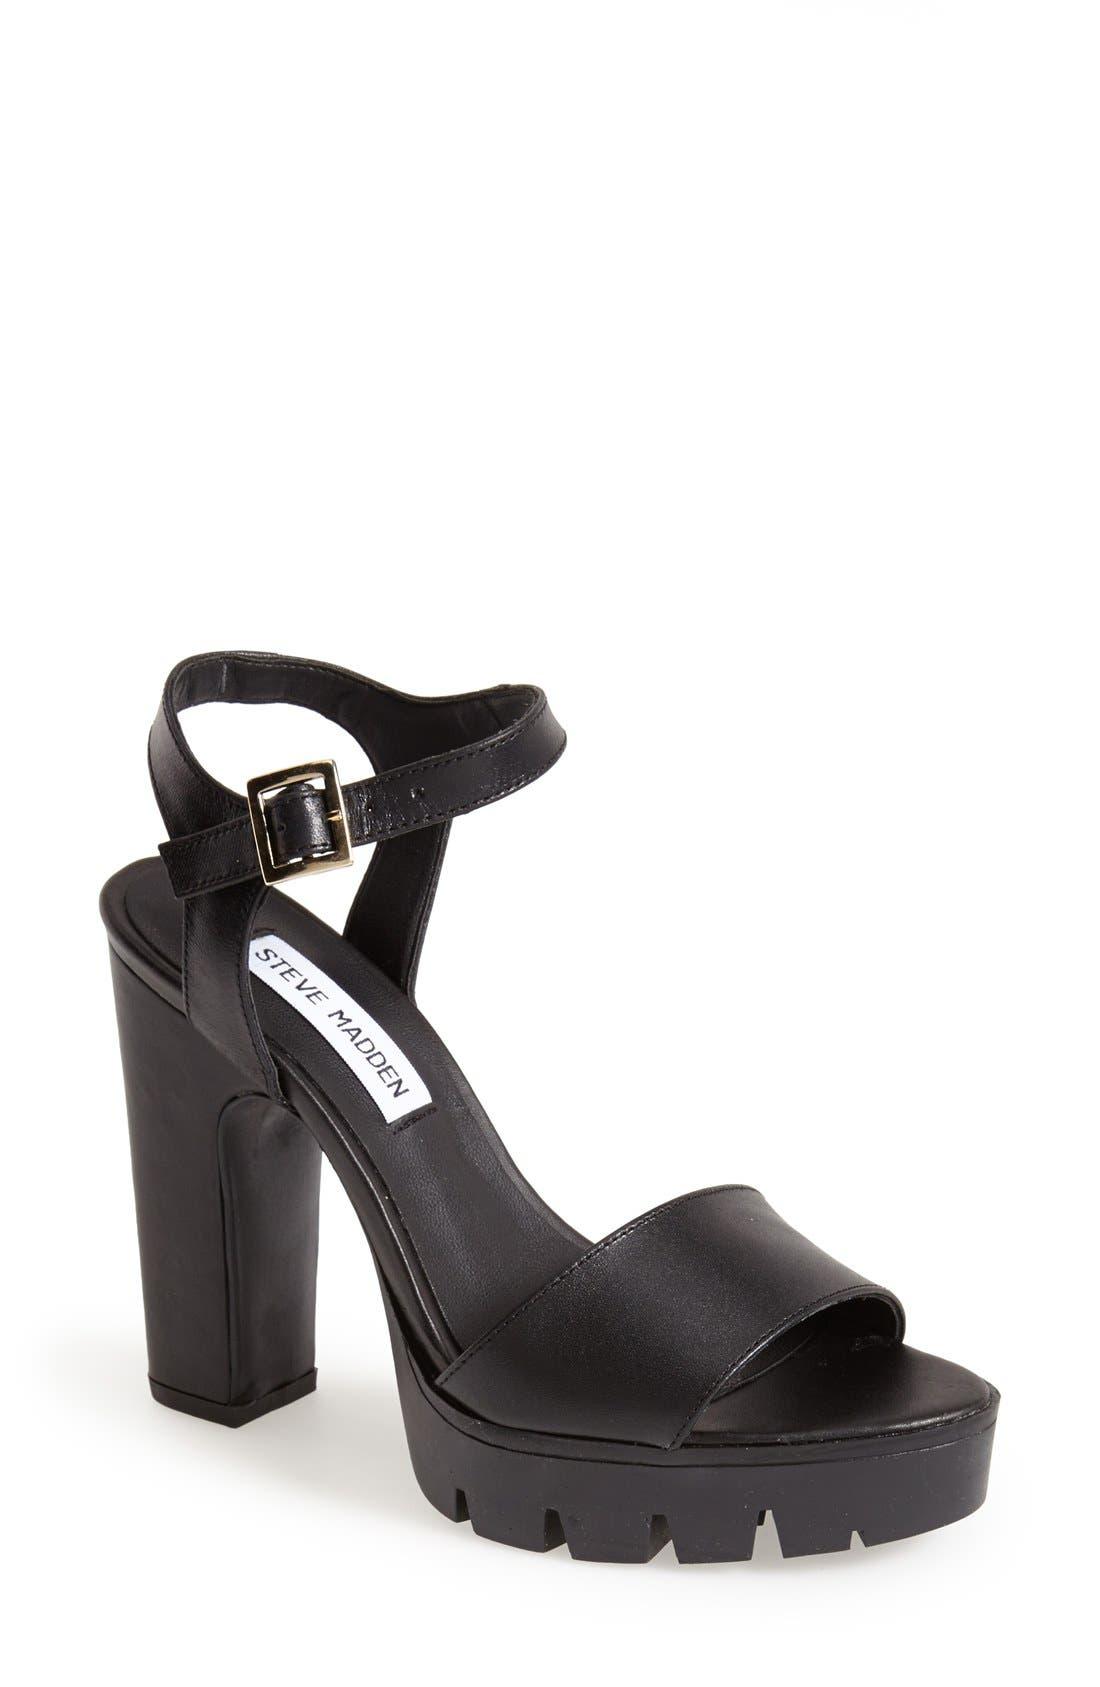 Alternate Image 1 Selected - Steve Madden 'Traiin' Platform Sandal (Women)